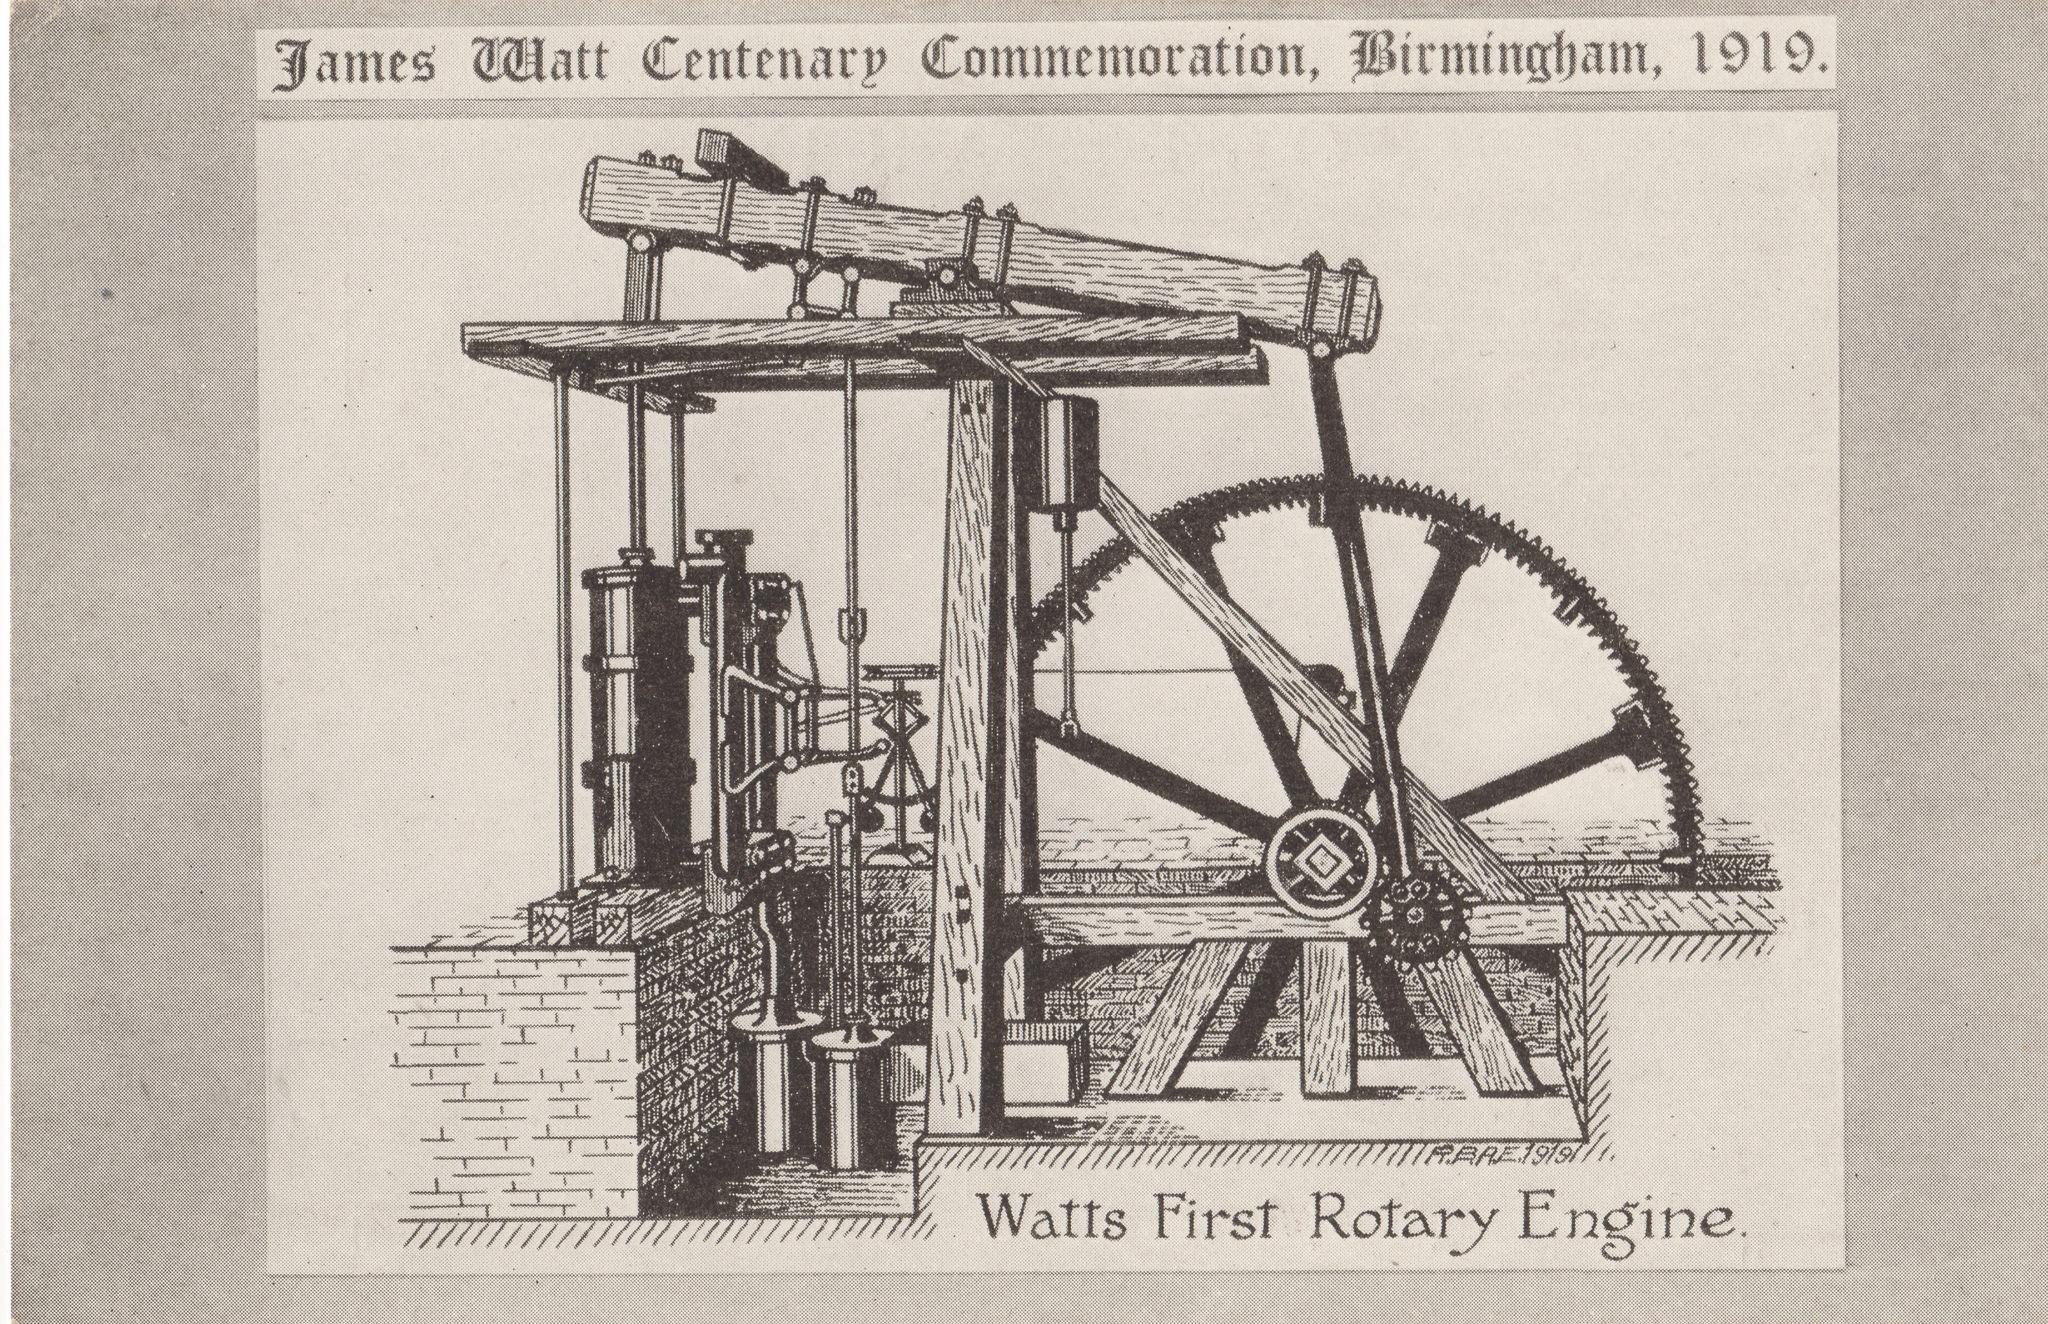 Watt's First Rotary Engine